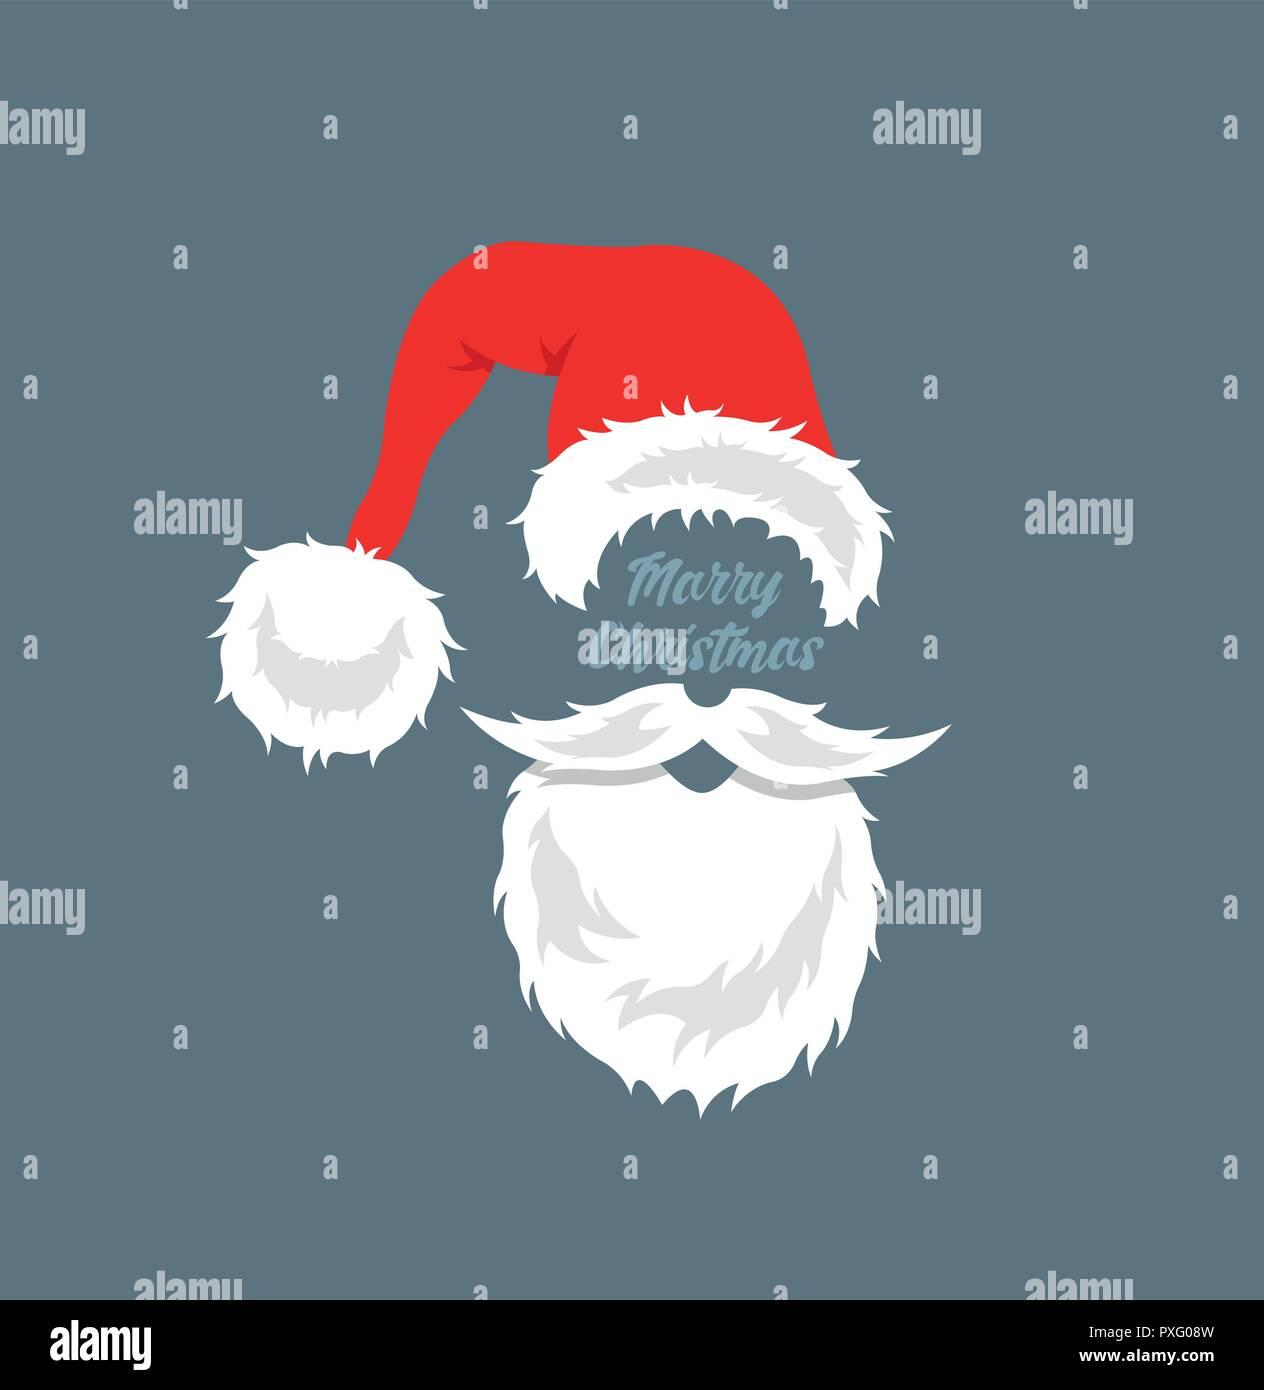 Animation Frohe Weihnachten.Weihnachtsmann Cartoon Mit Frohe Weihnachten Nachricht Alle Objekte